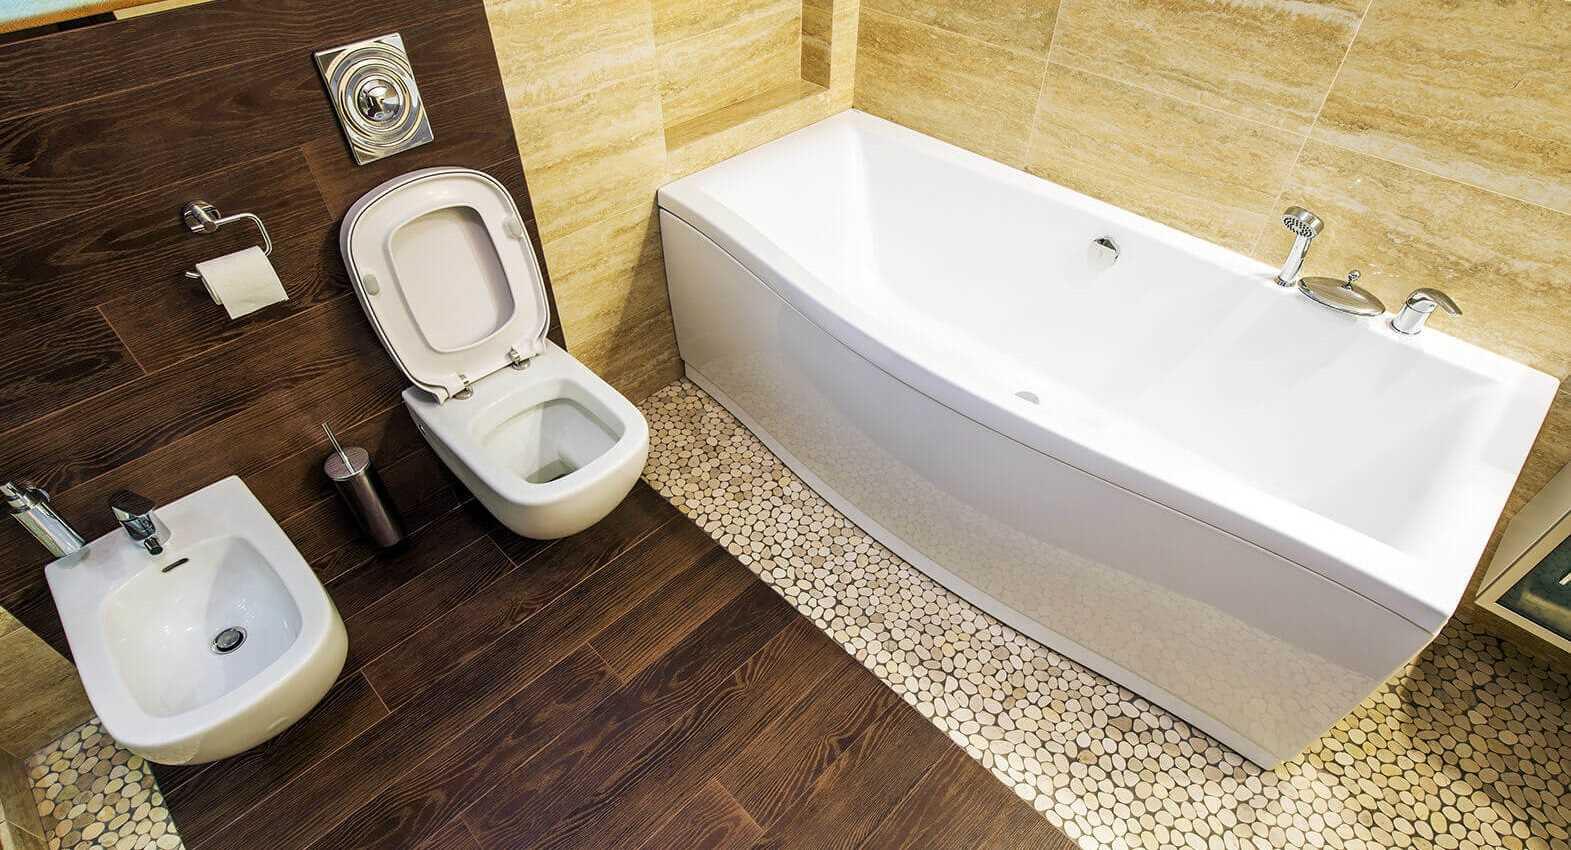 HWS Badsanierung - Sie möchten Ihr Bad sanieren?